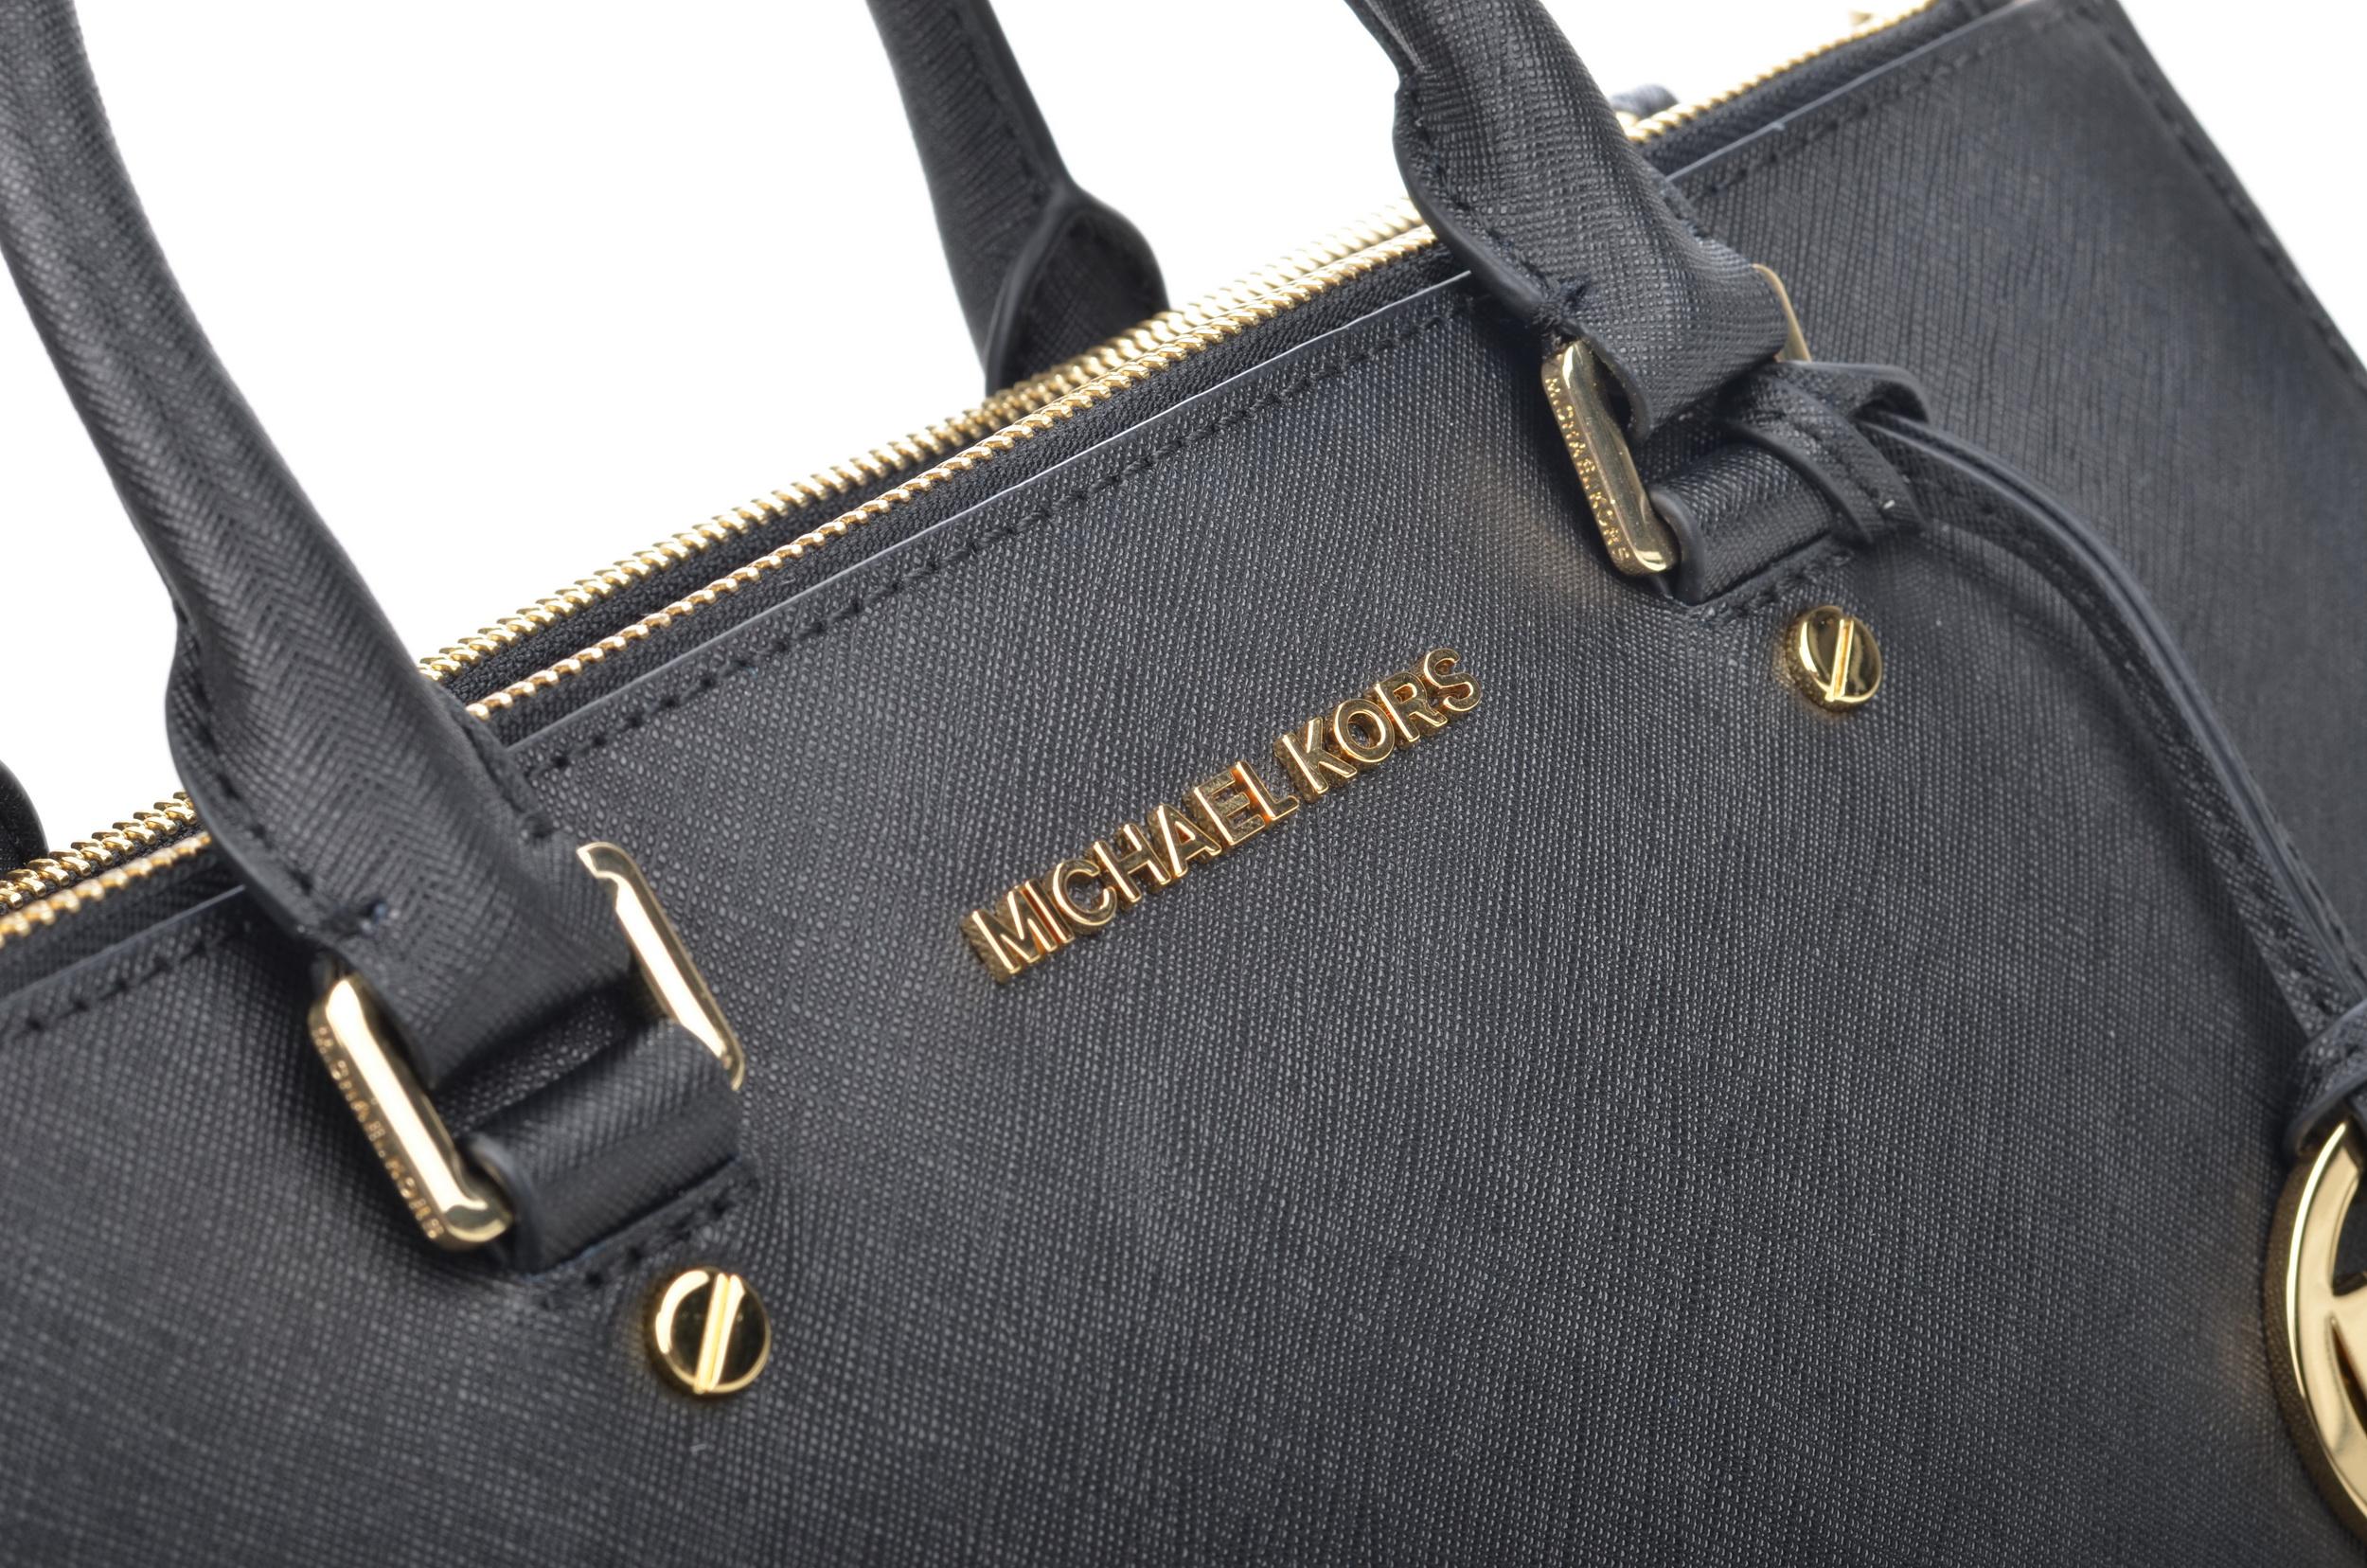 5c2e0d4027a3f File Michael Kors Sutton LG Satchel Handtasche 30S4GTVS7L Kalbsleder schwarz  (2) (16907695485).jpg